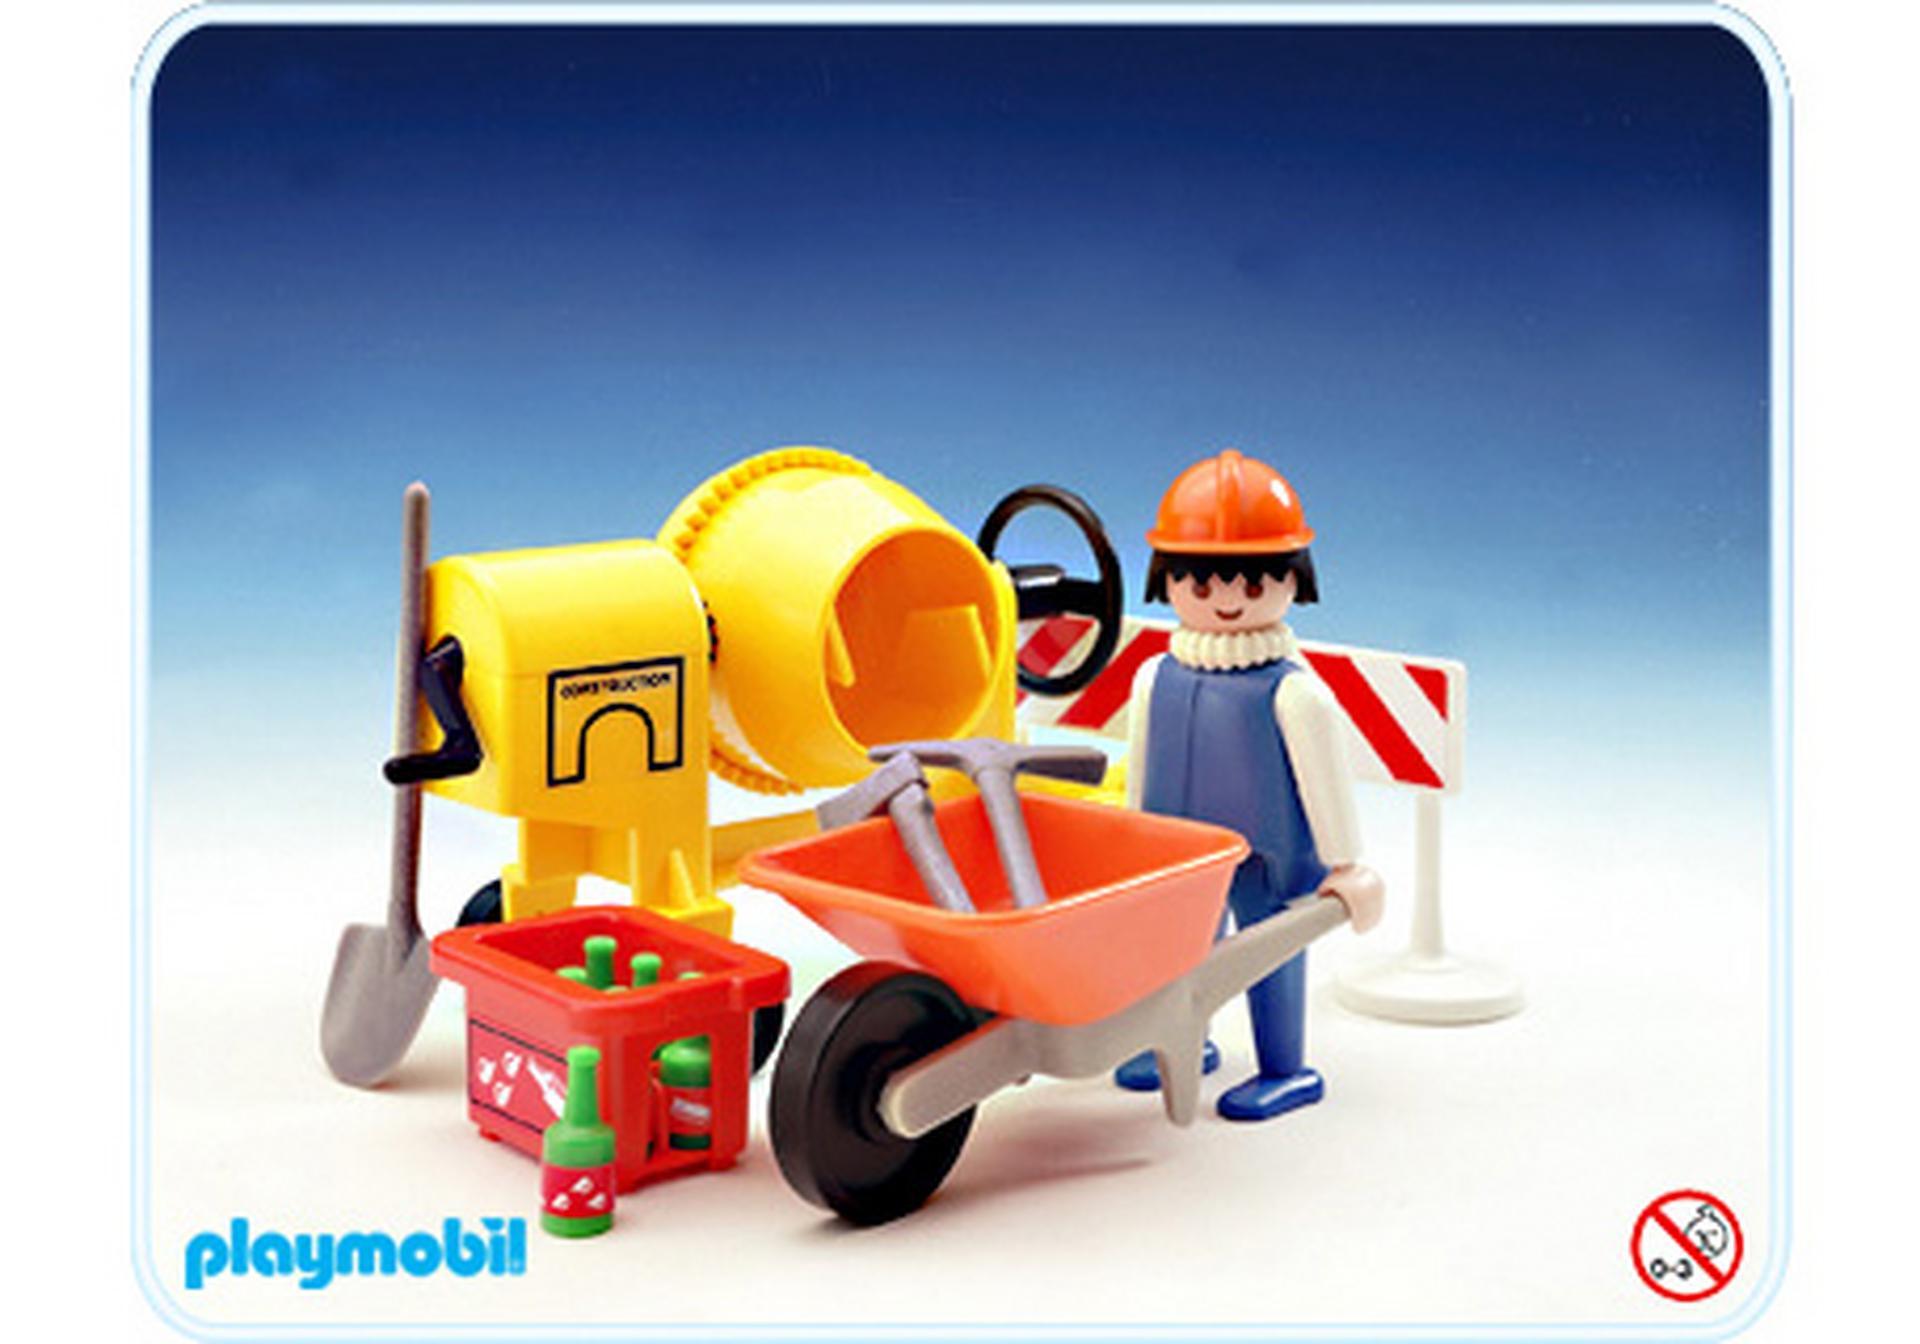 Bauarbeiter m rtelmischer 3562 a playmobil deutschland for Jugendzimmer playmobil